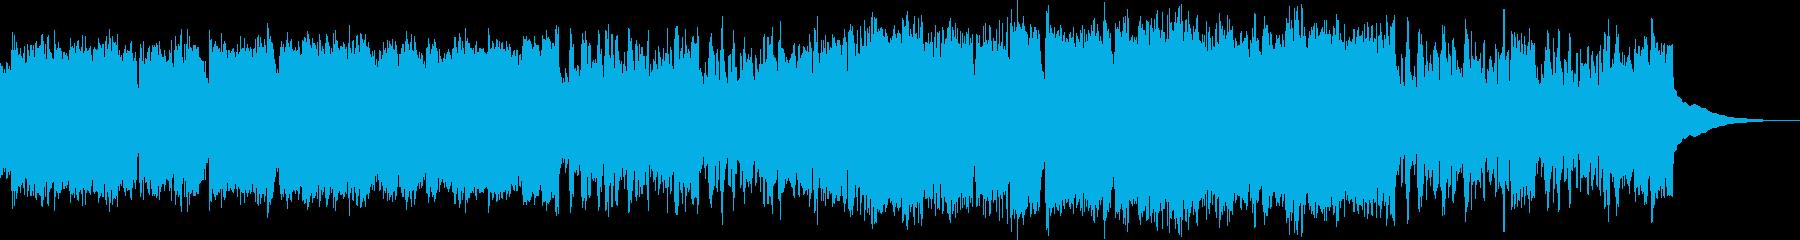 民族調アイリッシュ風アメイジンググレイスの再生済みの波形